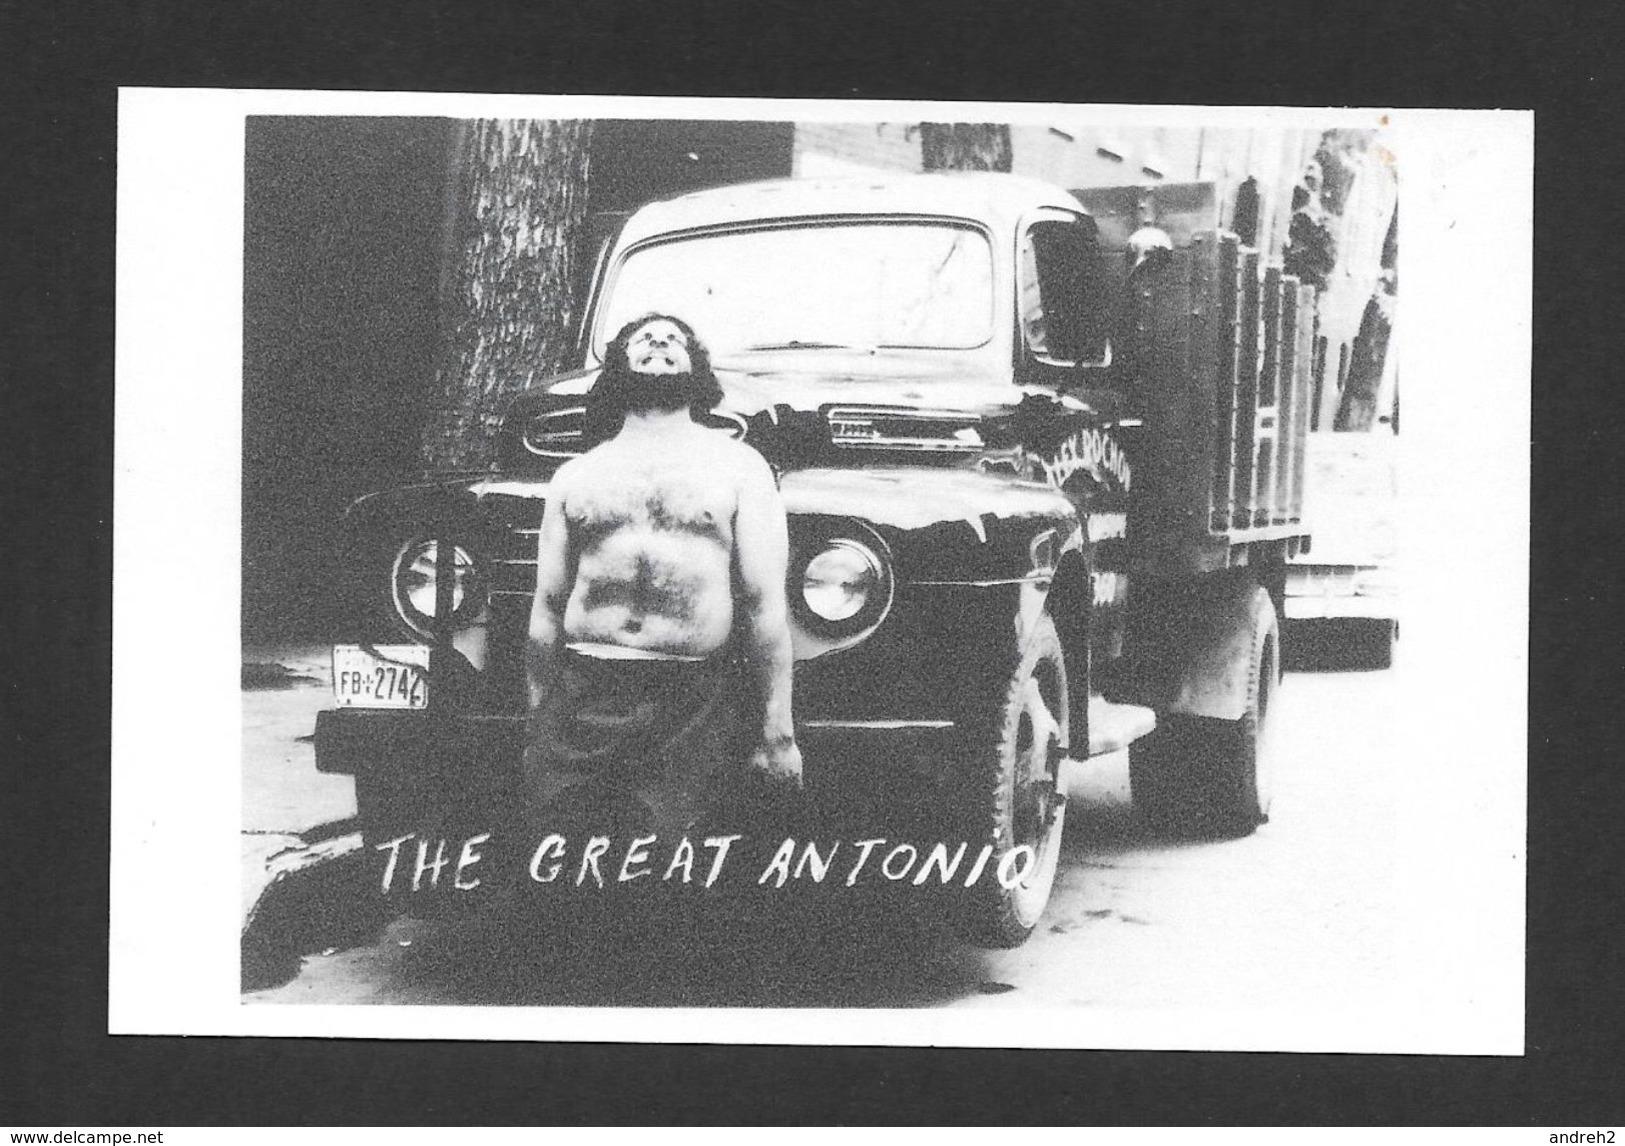 SPORTS - LE GRAND ANTONIO LUTTEUR ET HOMME FORT - LE GRAND ANTONIO AU PORT DE MONTRÉAL SOULEVANT UN CAMION VERS 1950 - Lutte